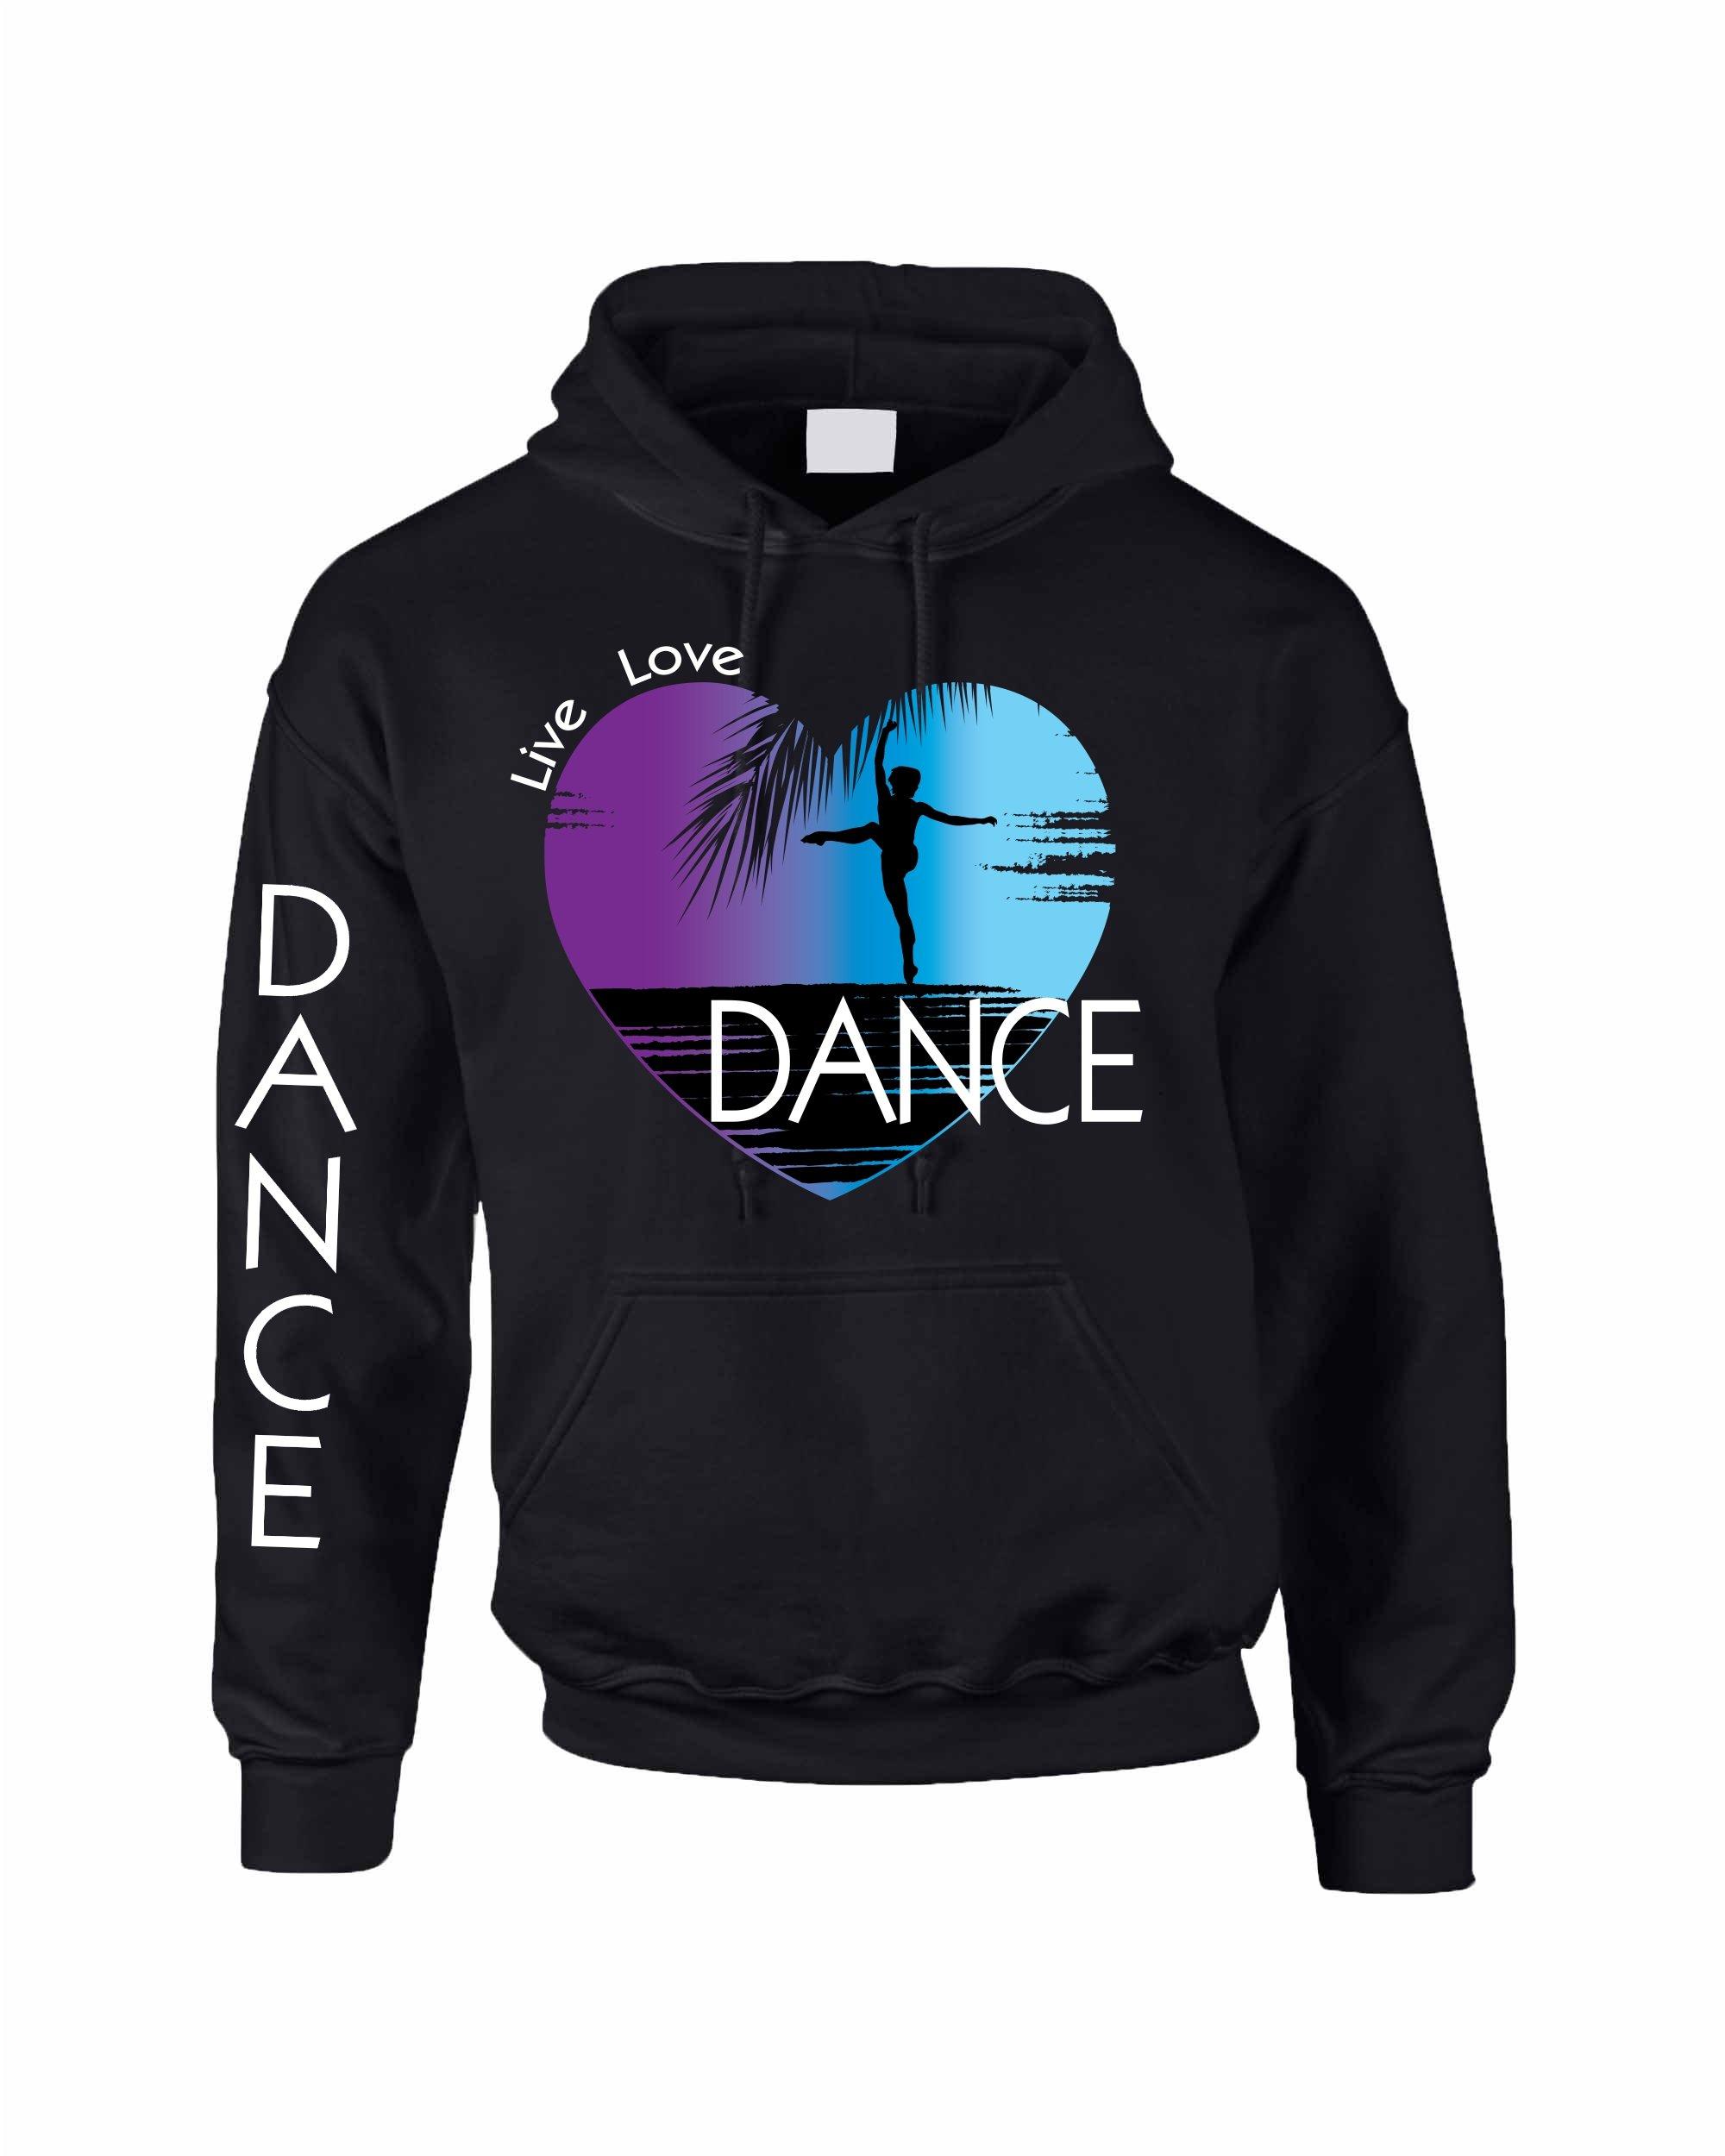 Allntrends Adult Hoodie Dance Art Purple Print Love Cute Top Nice Gift (M, Black)